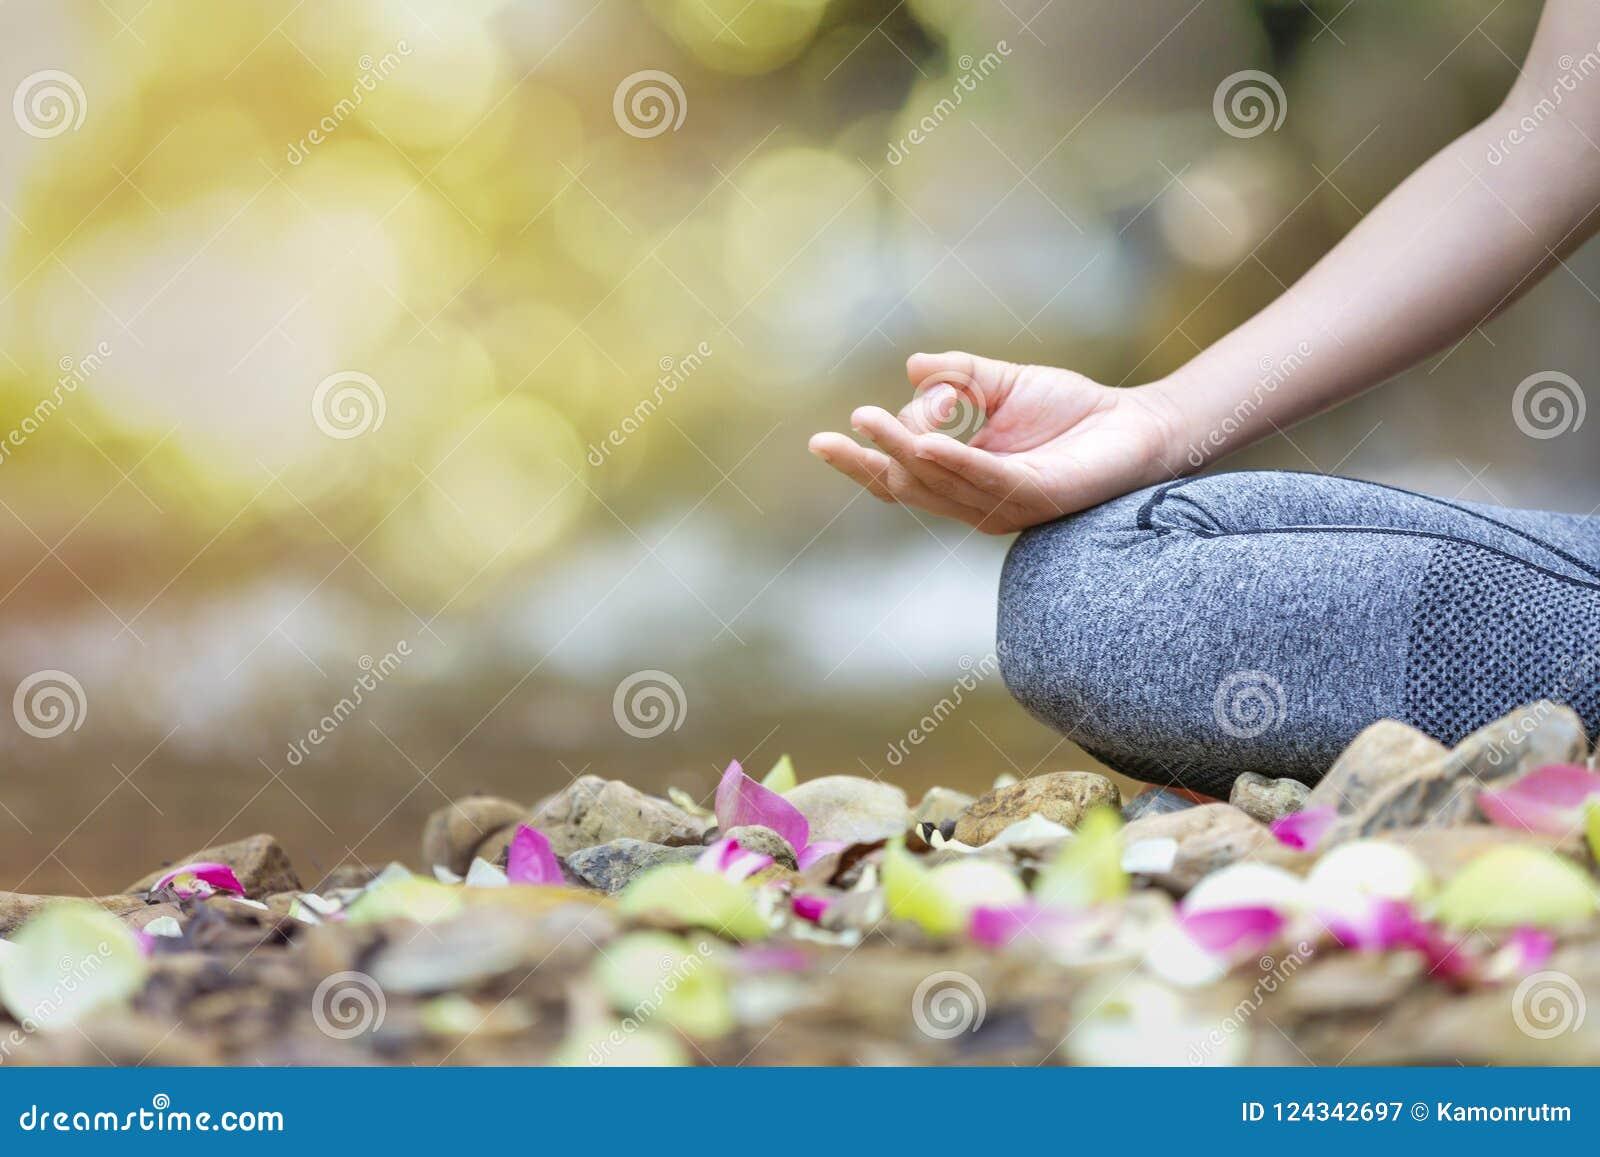 För livsstilhand för mening sund gest